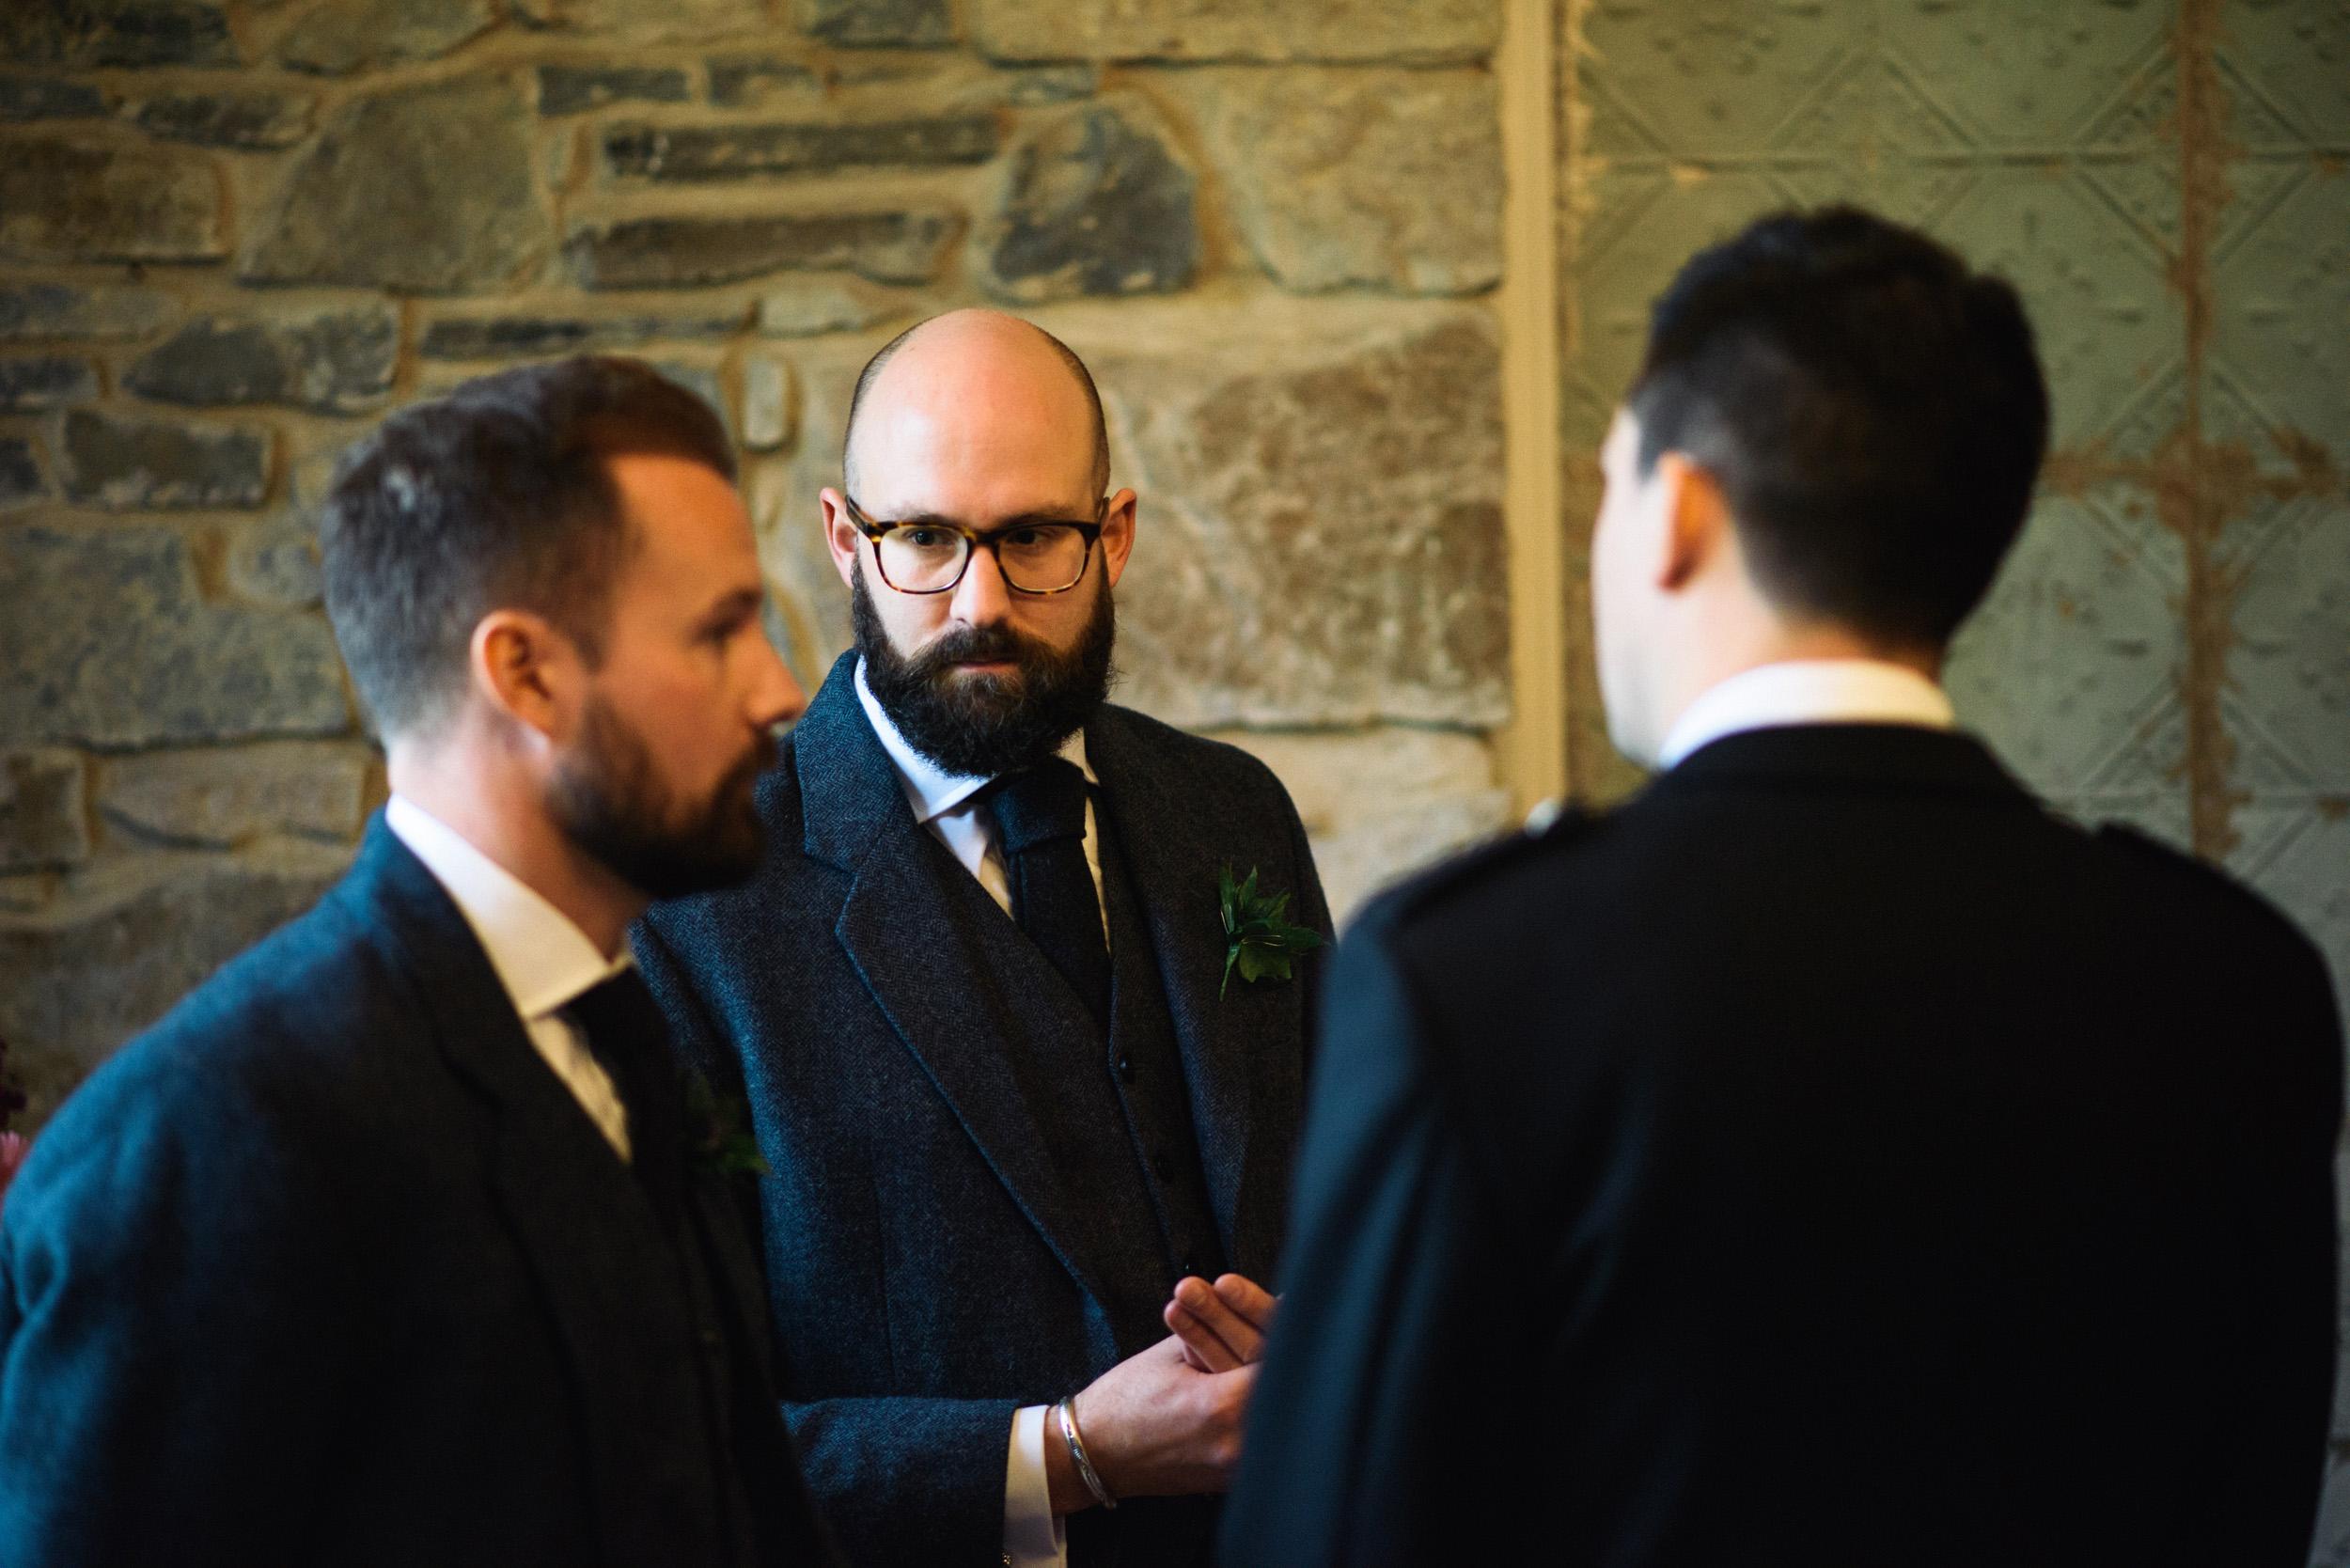 Natural Wedding Photography Aberdeen Braemar 015.jpg